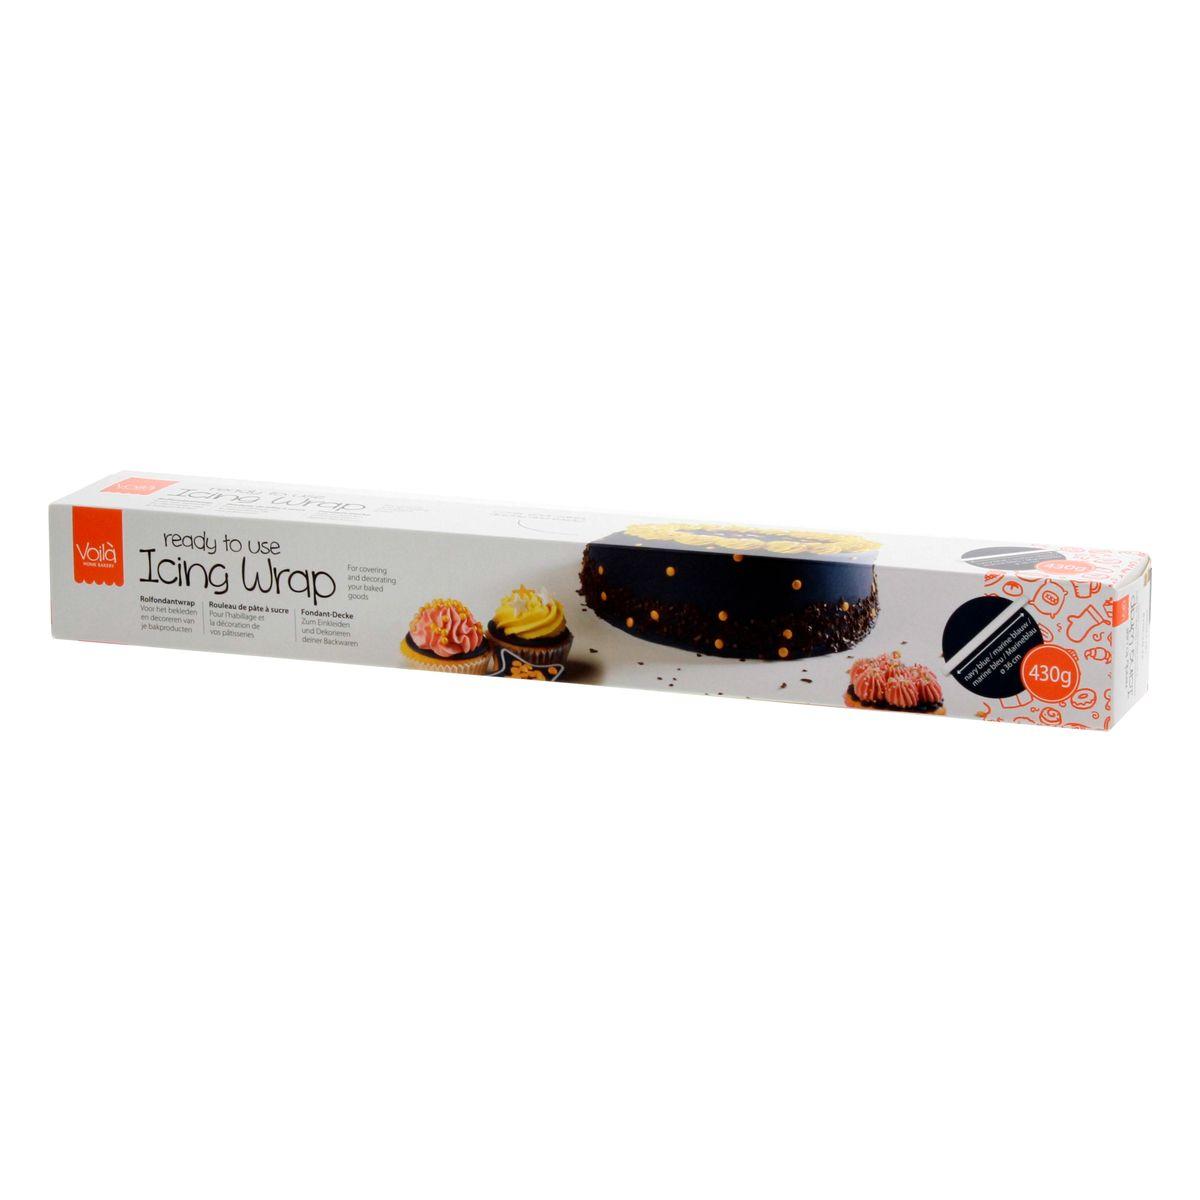 Rouleau de pâte à sucre bleu marine 430 gr - Voila